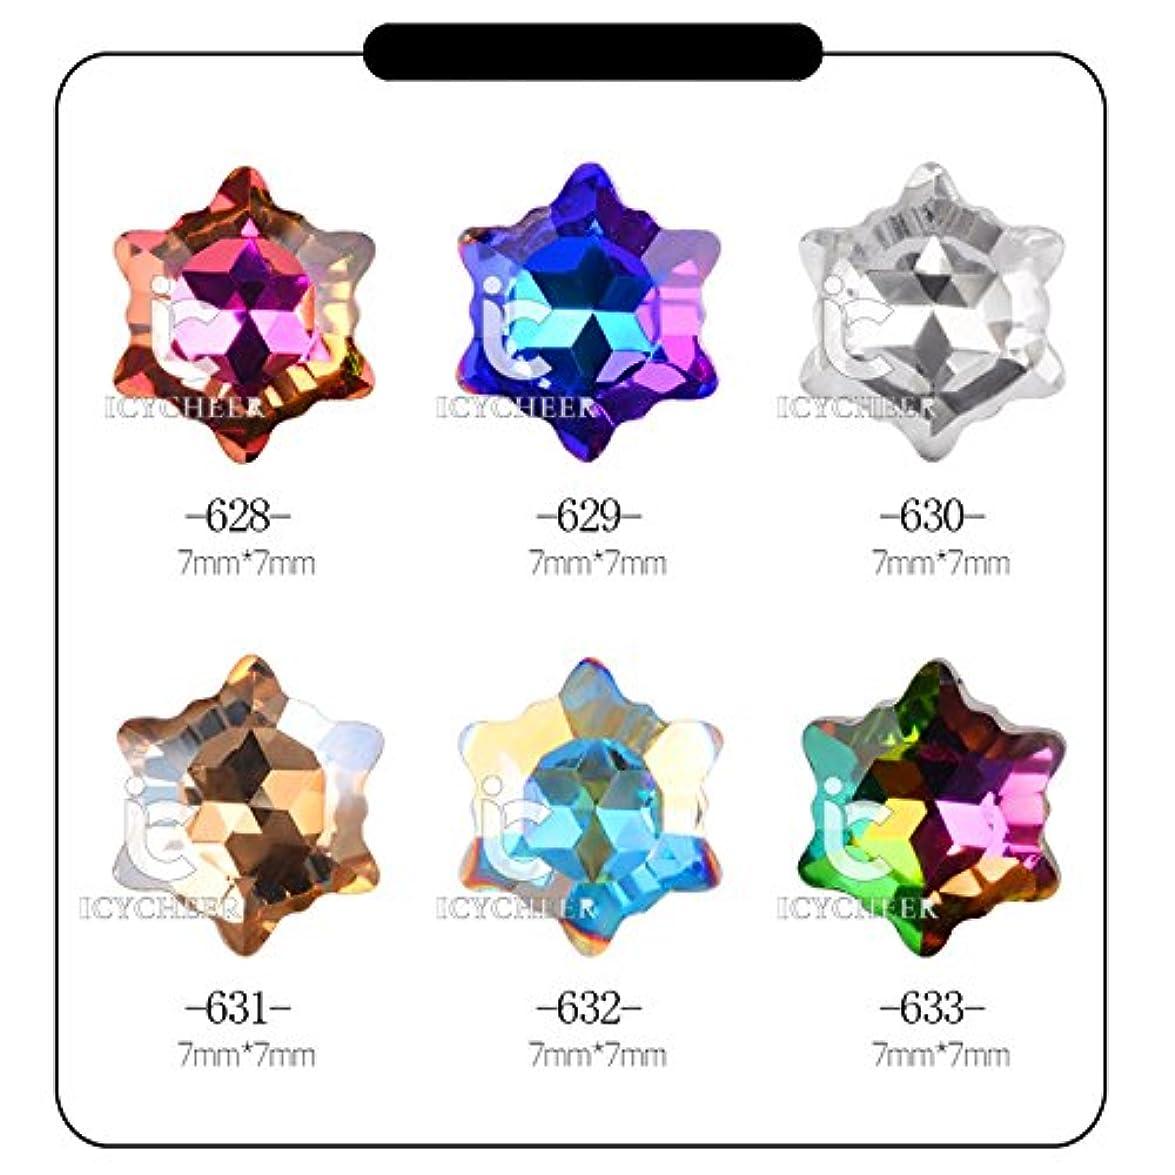 印象的マディソン受け入れICYCHEERホット3Dネイルアートラインストーングリッター宝石のアクリルのヒントデコレーションマニキュアホイール (633)